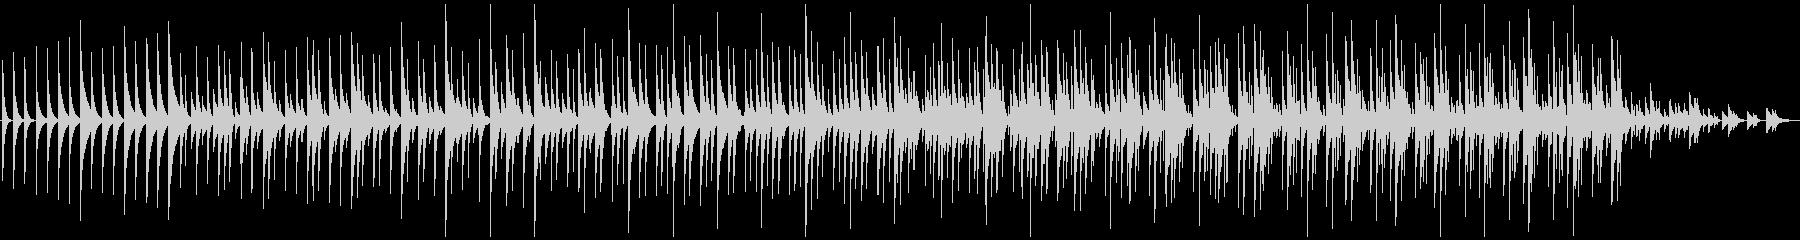 木琴5音階チャイム純正音程版、ミニマルの未再生の波形